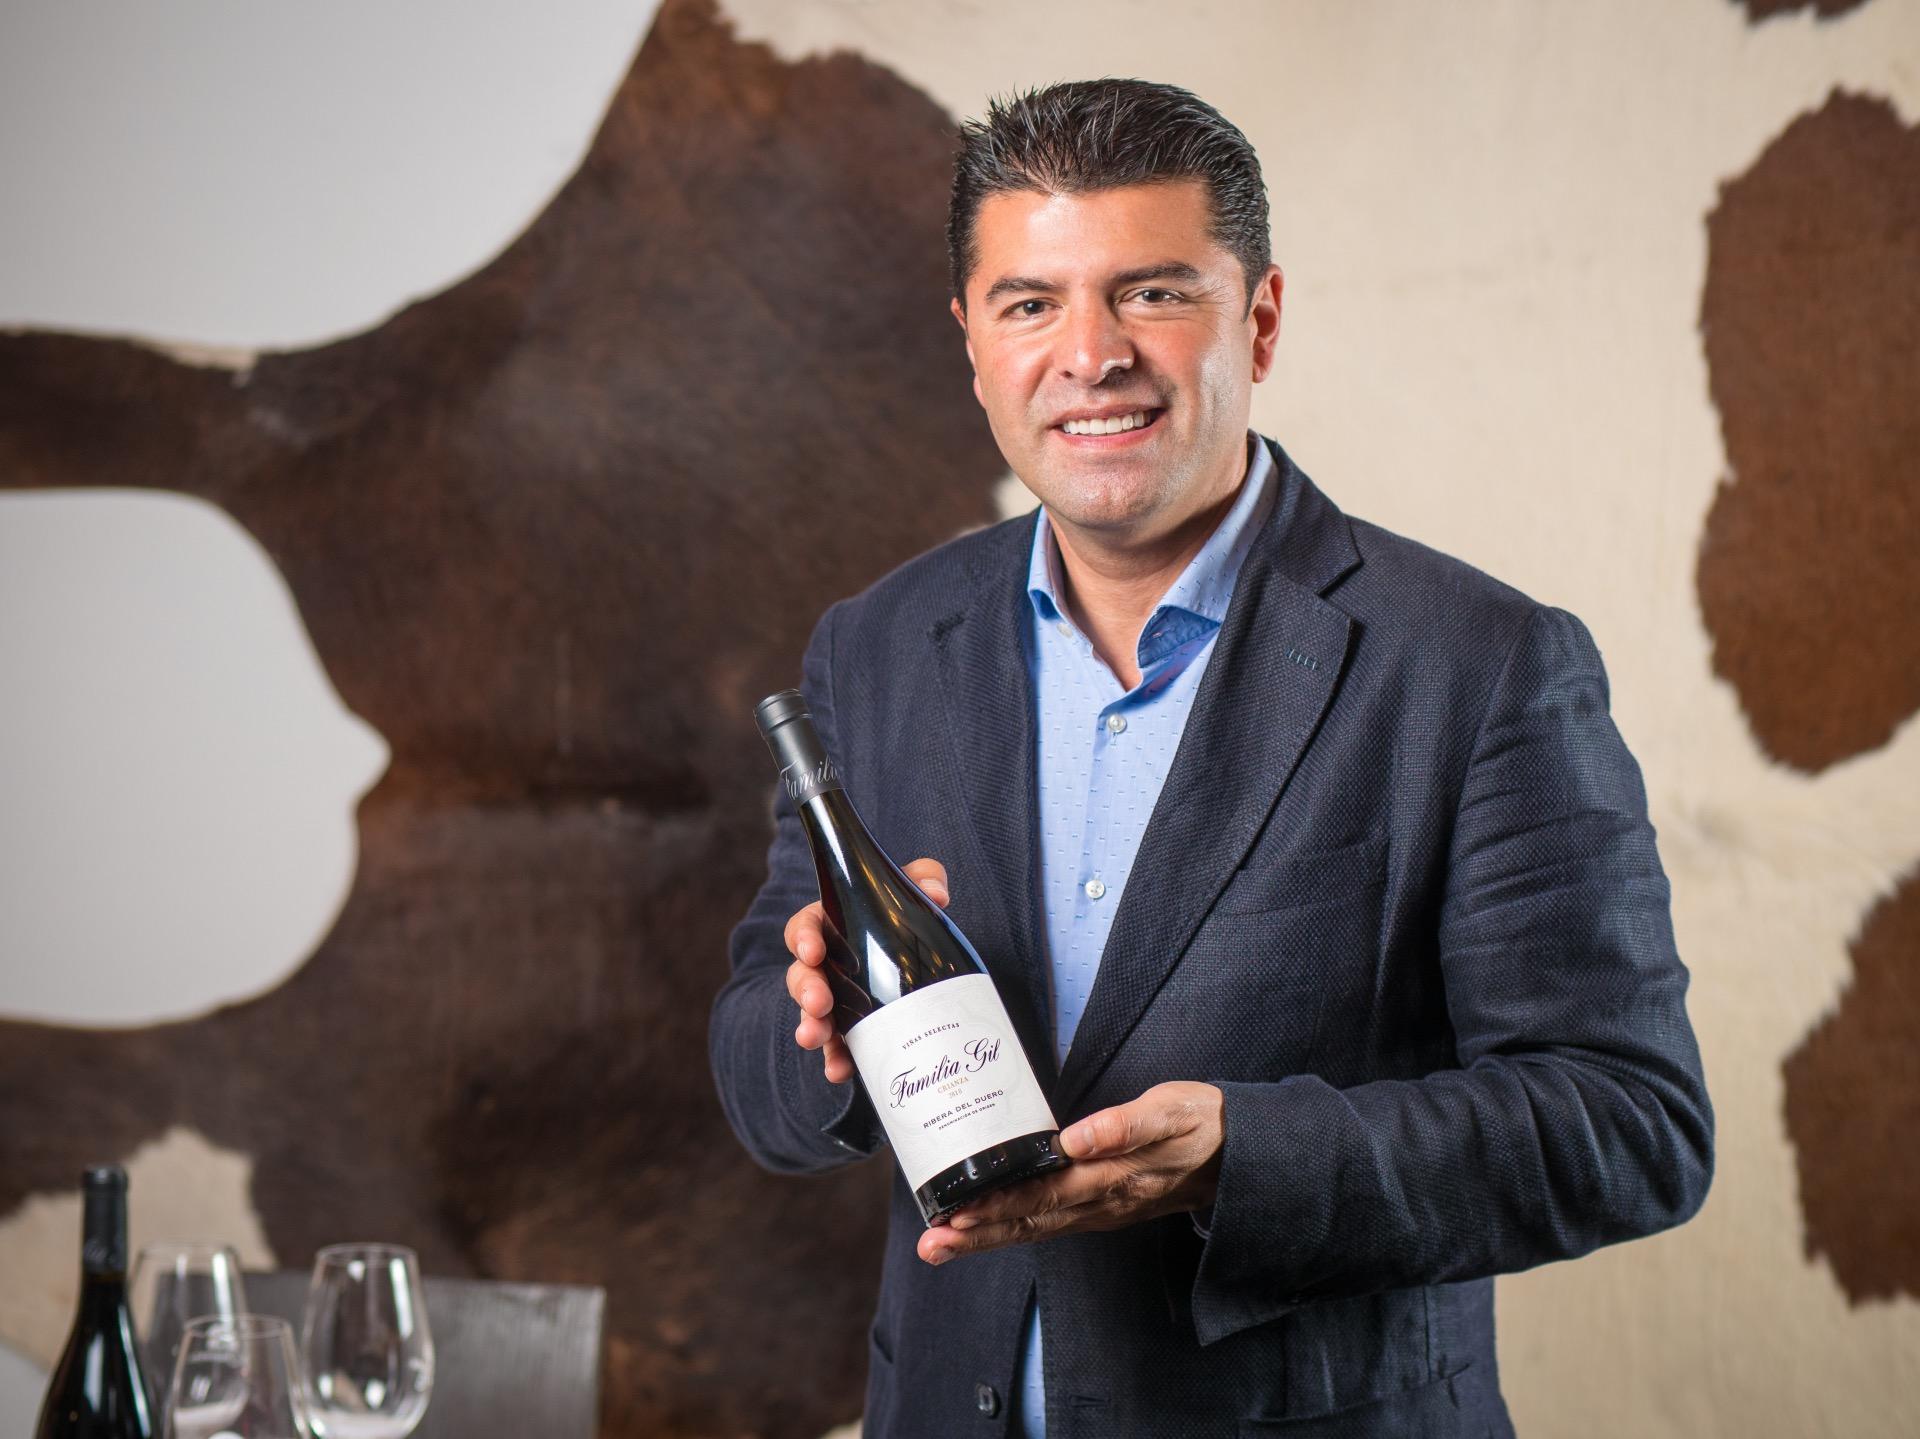 Mario Gil en El Churrasco Restaurante CEO del grupo M&M restauración en Zona Mesa y López